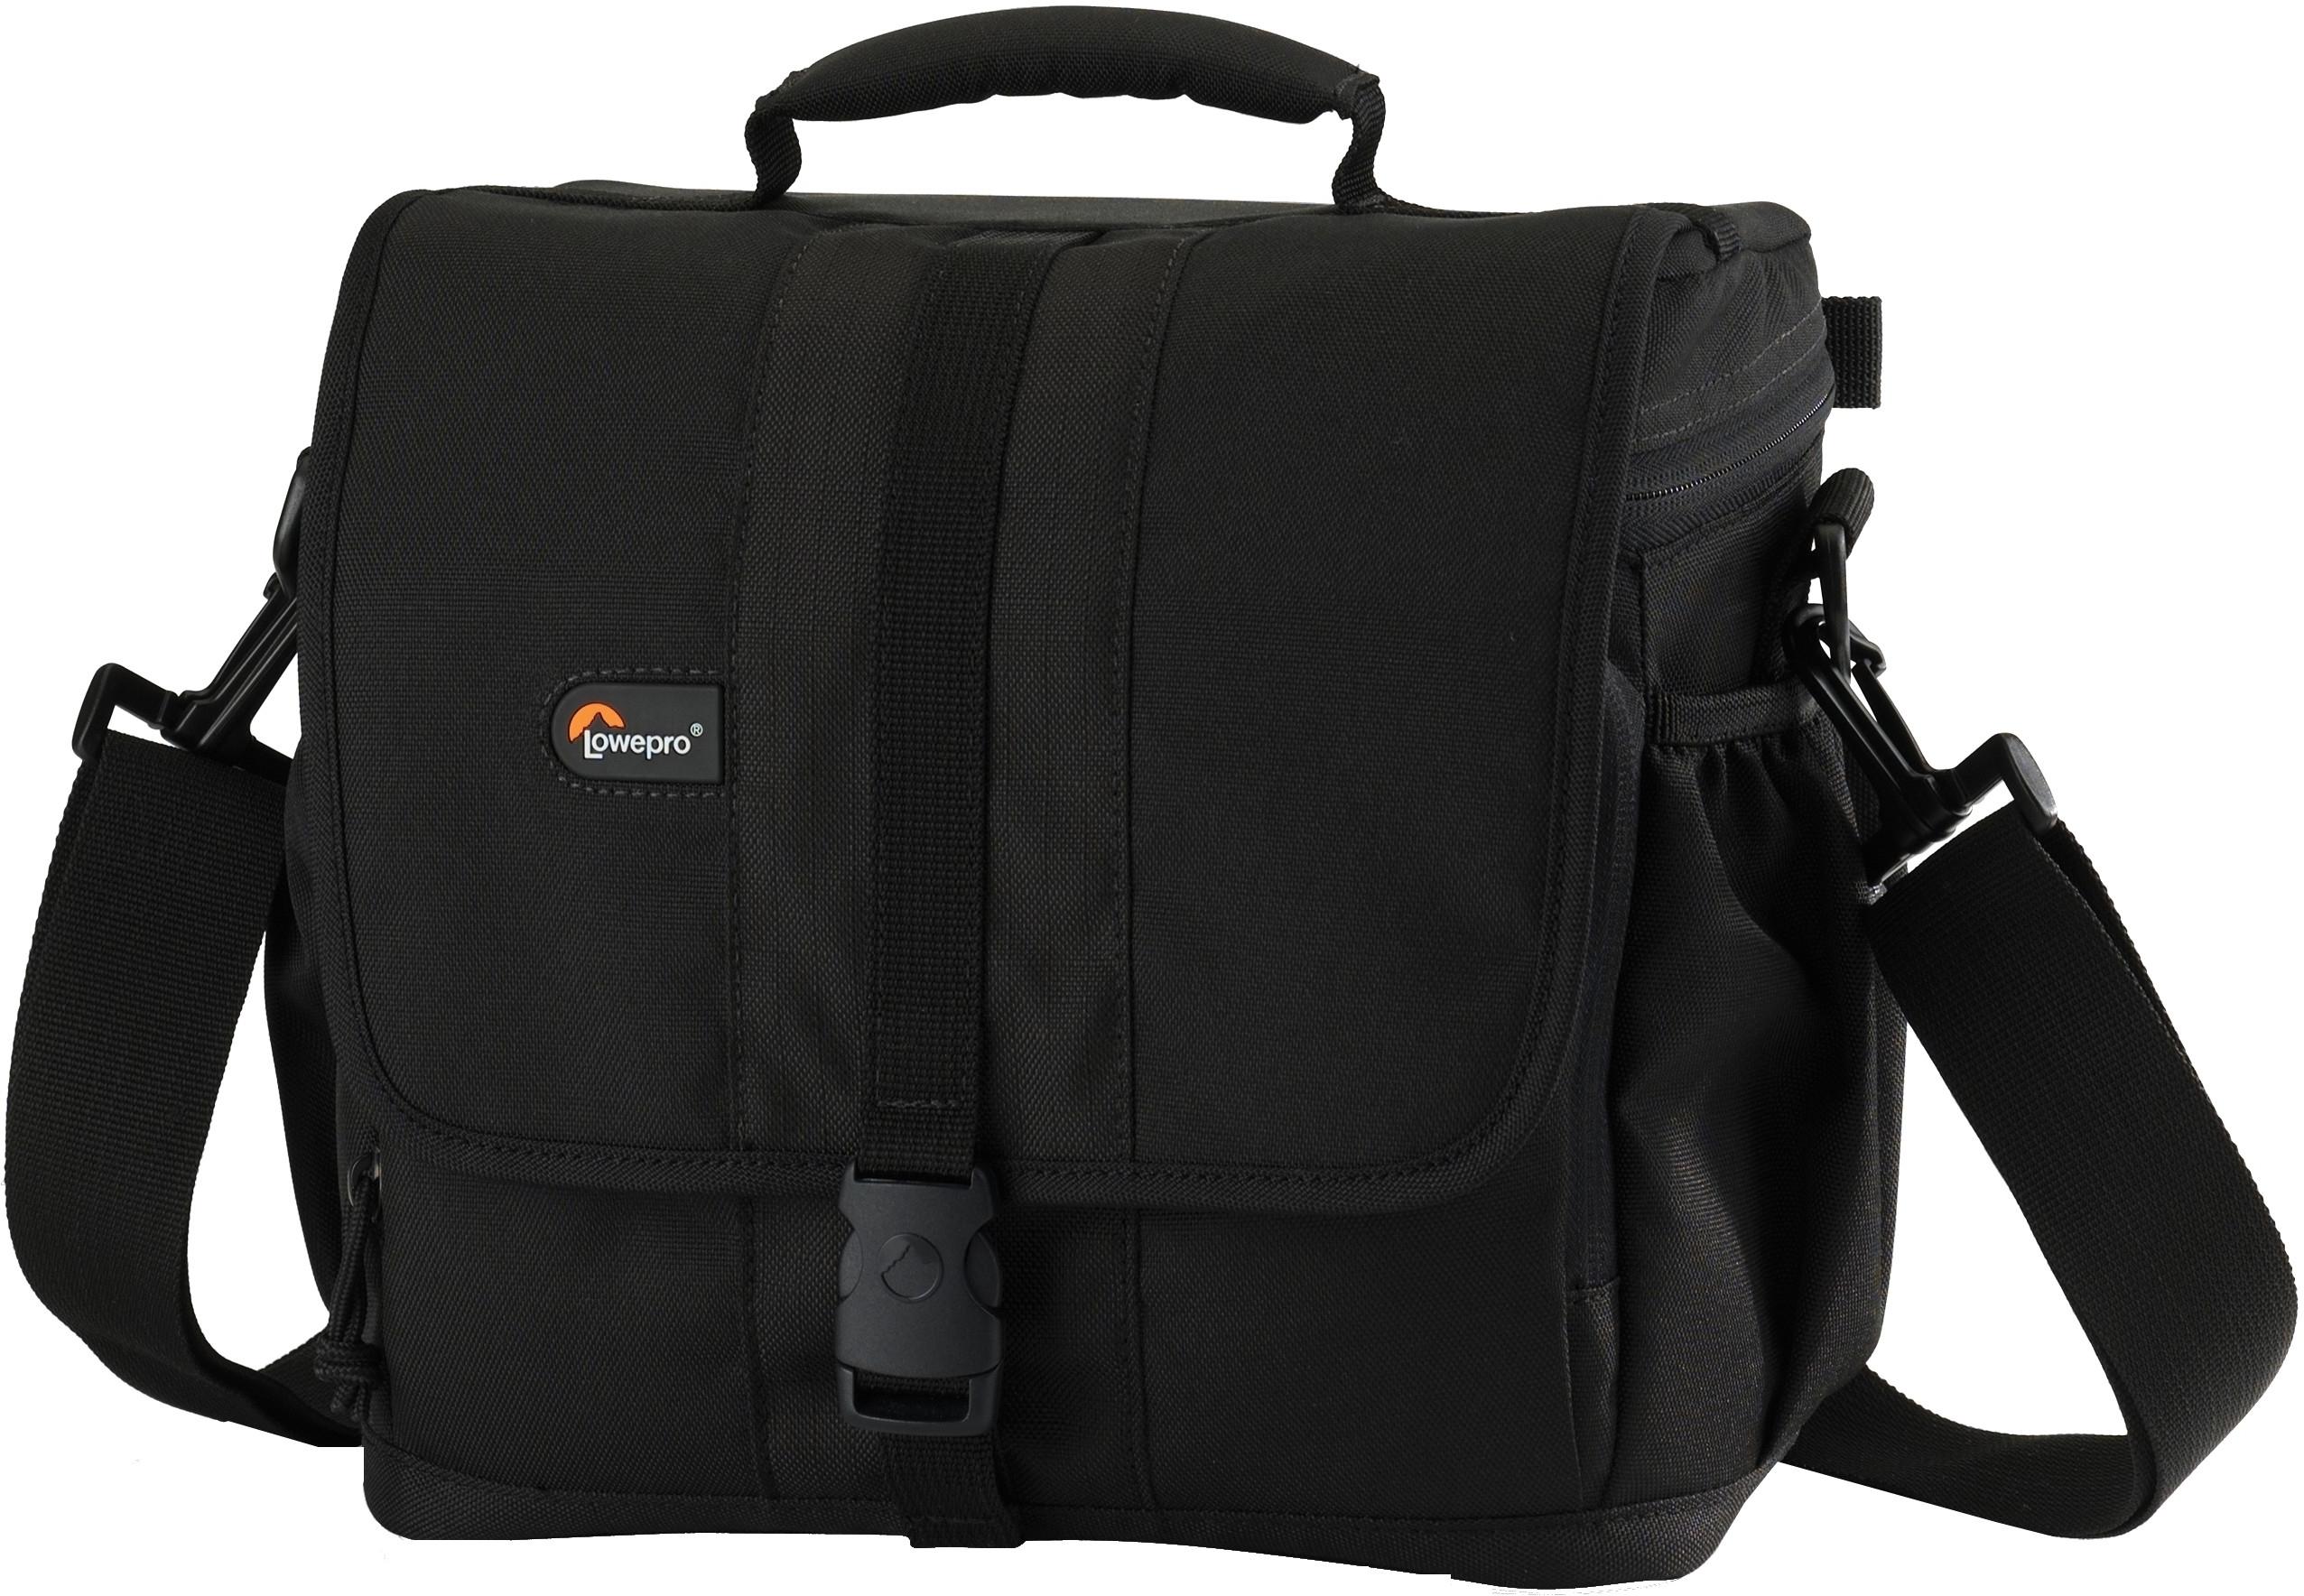 Deals | Under ₹6,930 Camera Bags